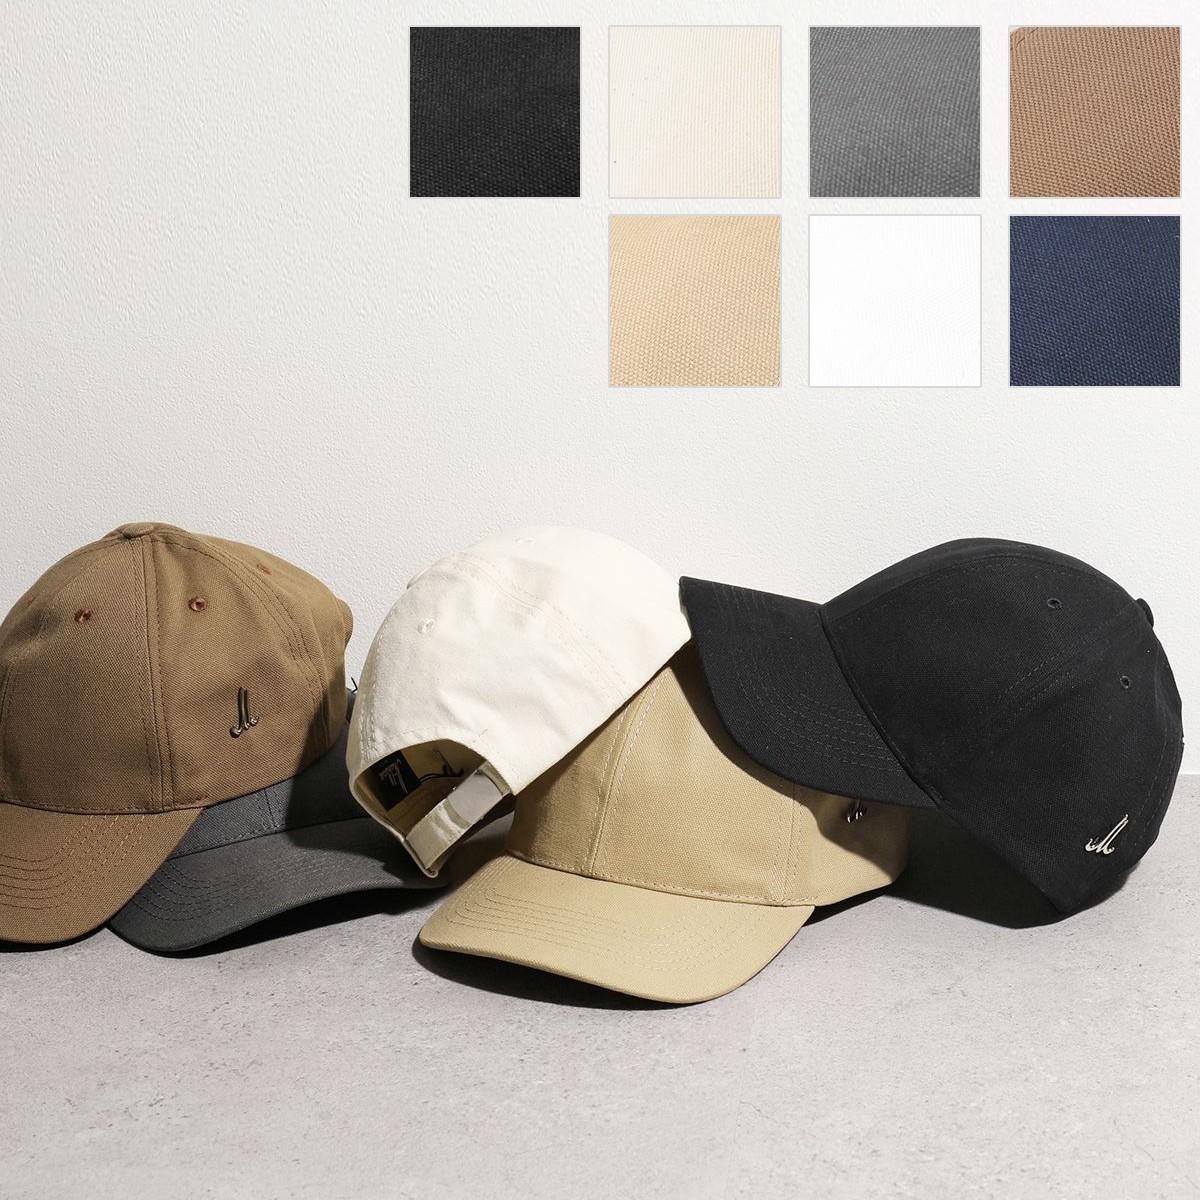 2021年春夏新作 Muhlbauer 定番 ミュールバウアー CS071 BASE ベース カラー7色 帽子 ベースボールキャップ 2021ss コットン ピン2色付属 通販 メンズ